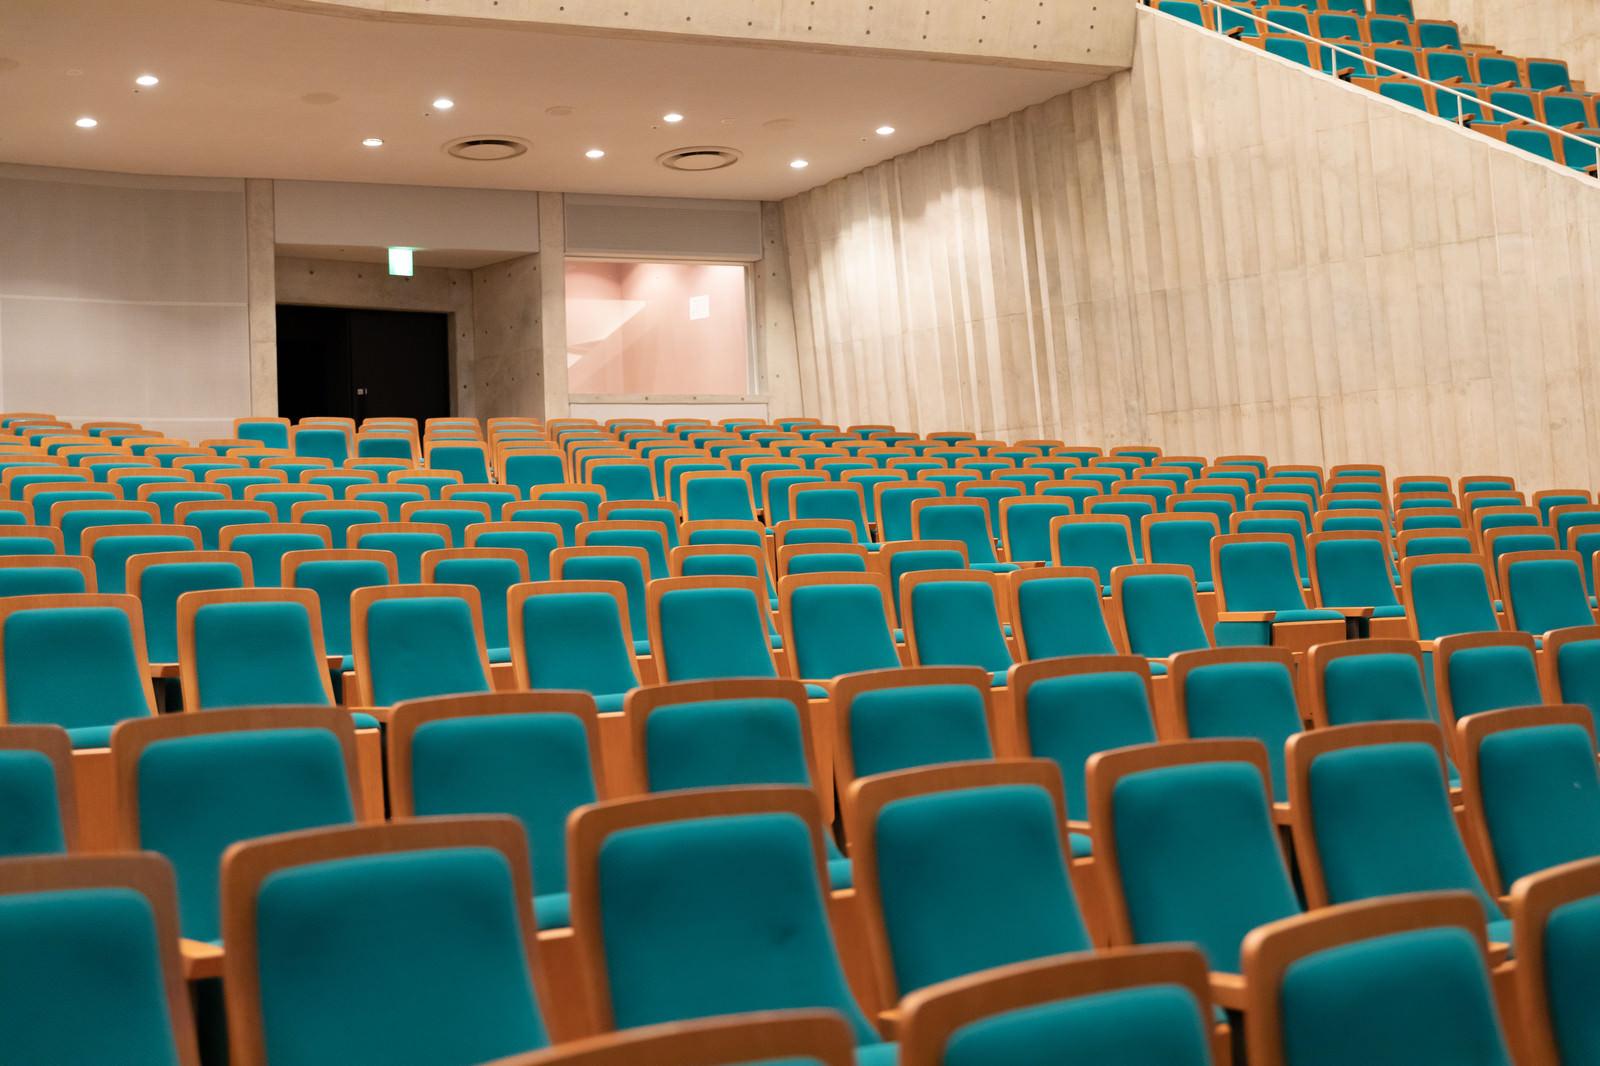 「カナリーホールの1階客席の様子」の写真